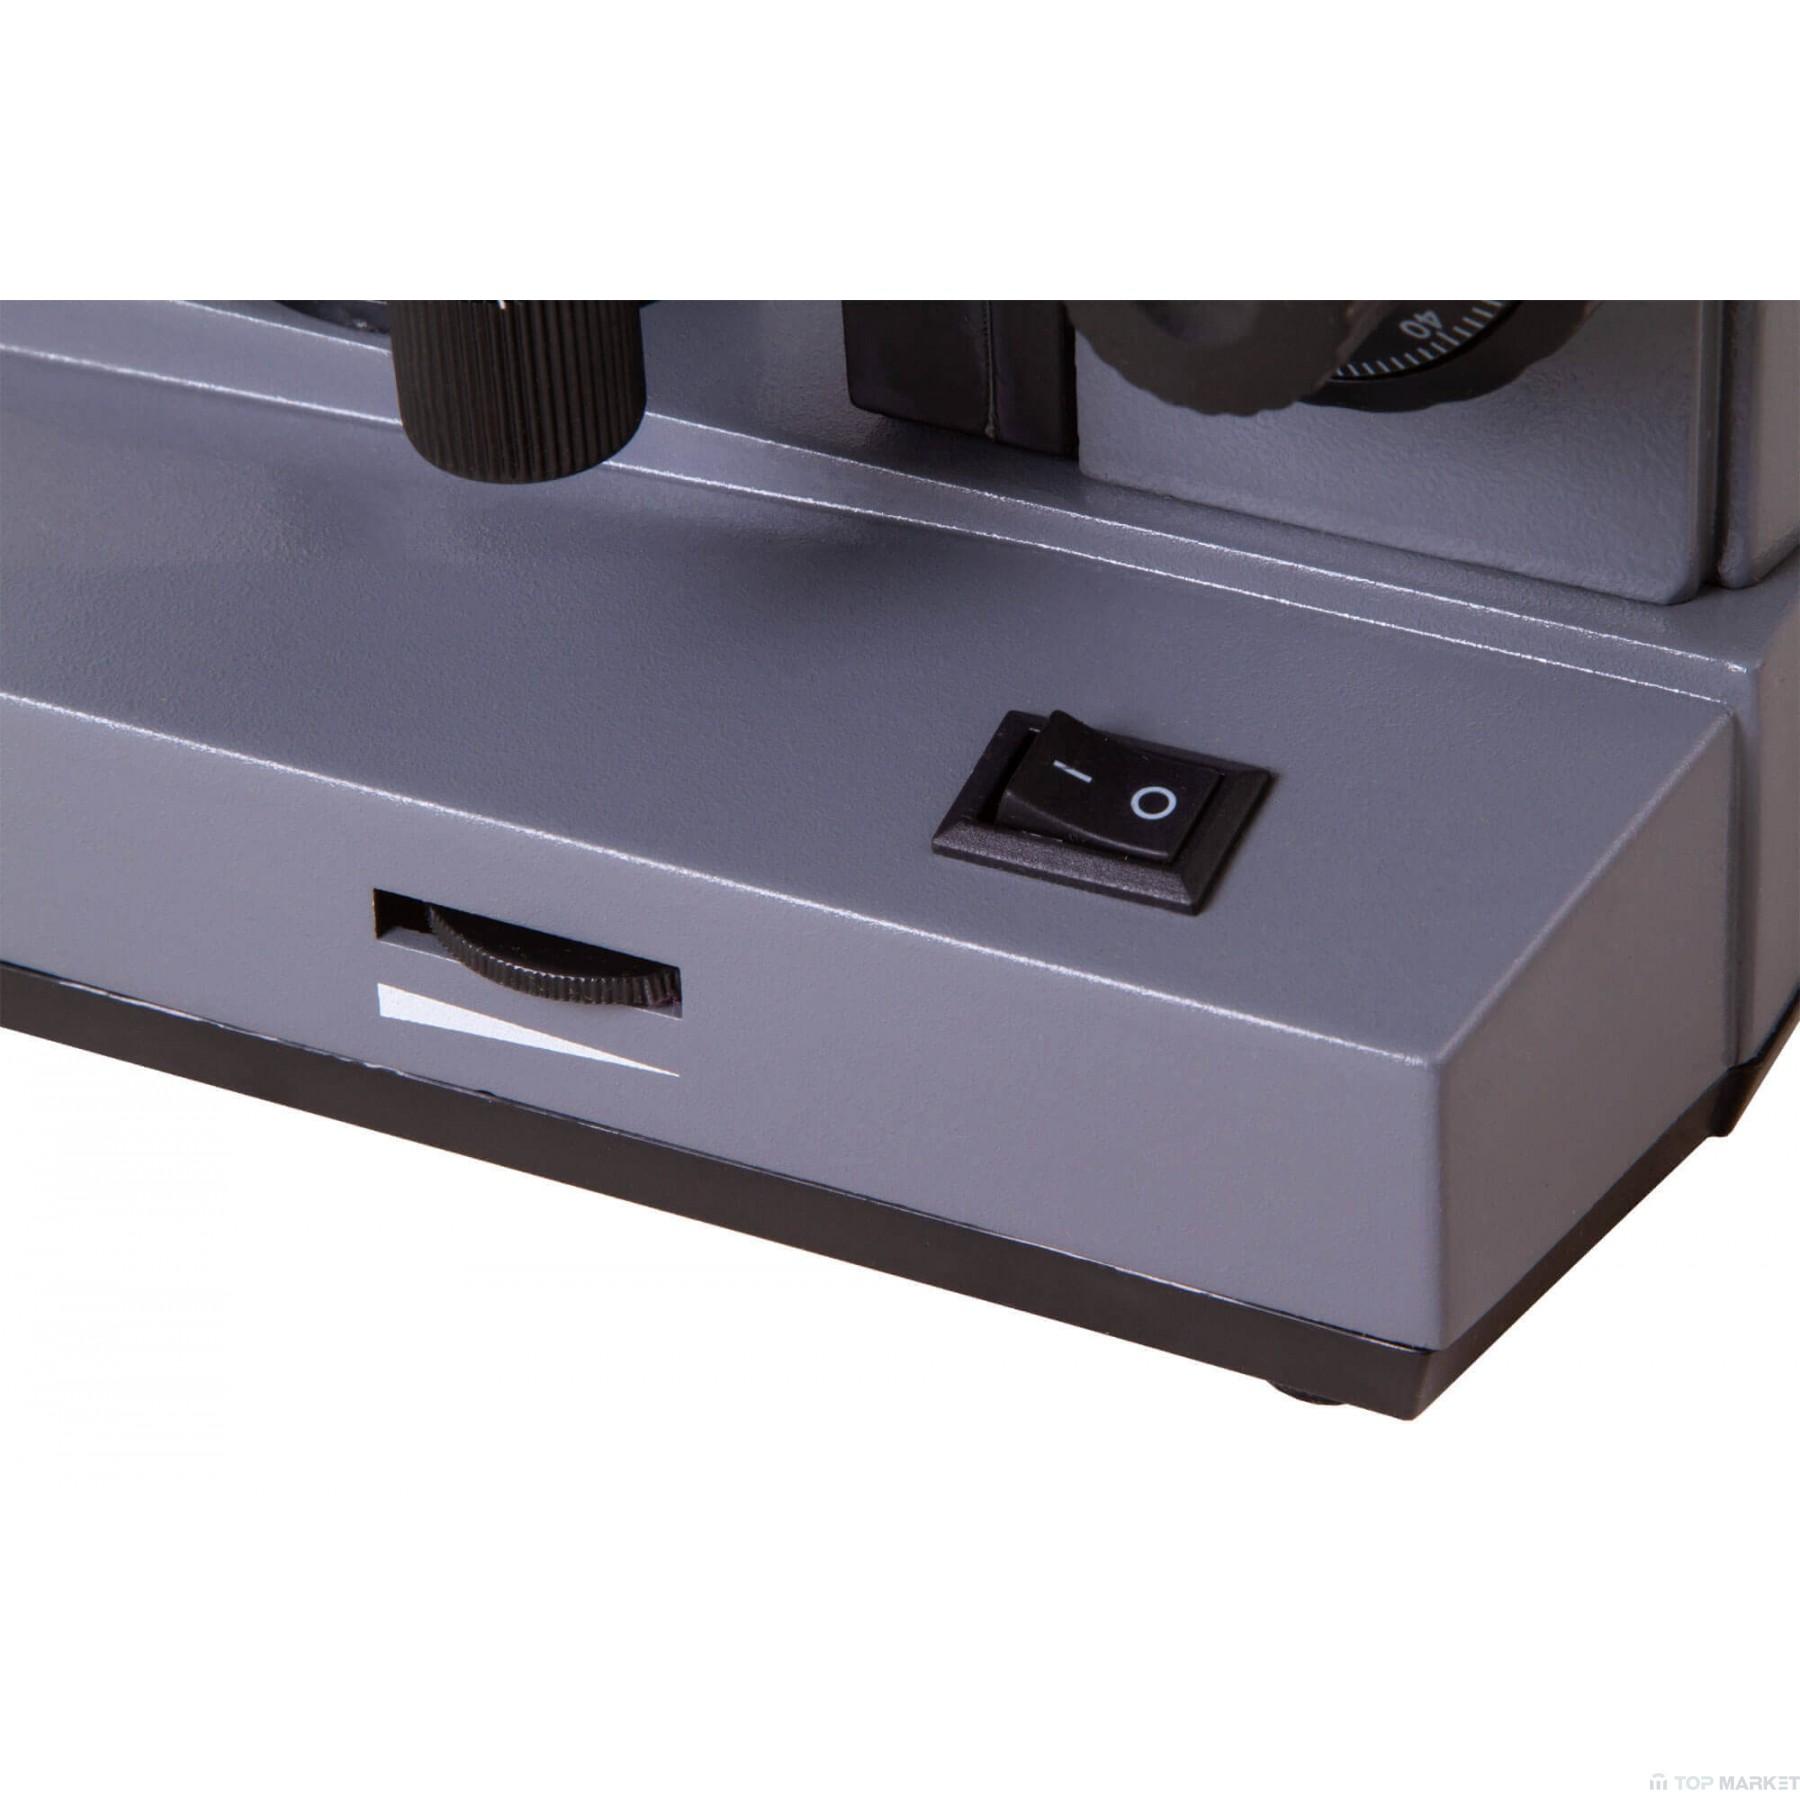 Биологичен монокулярен микроскоп Levenhuk 320 BASE